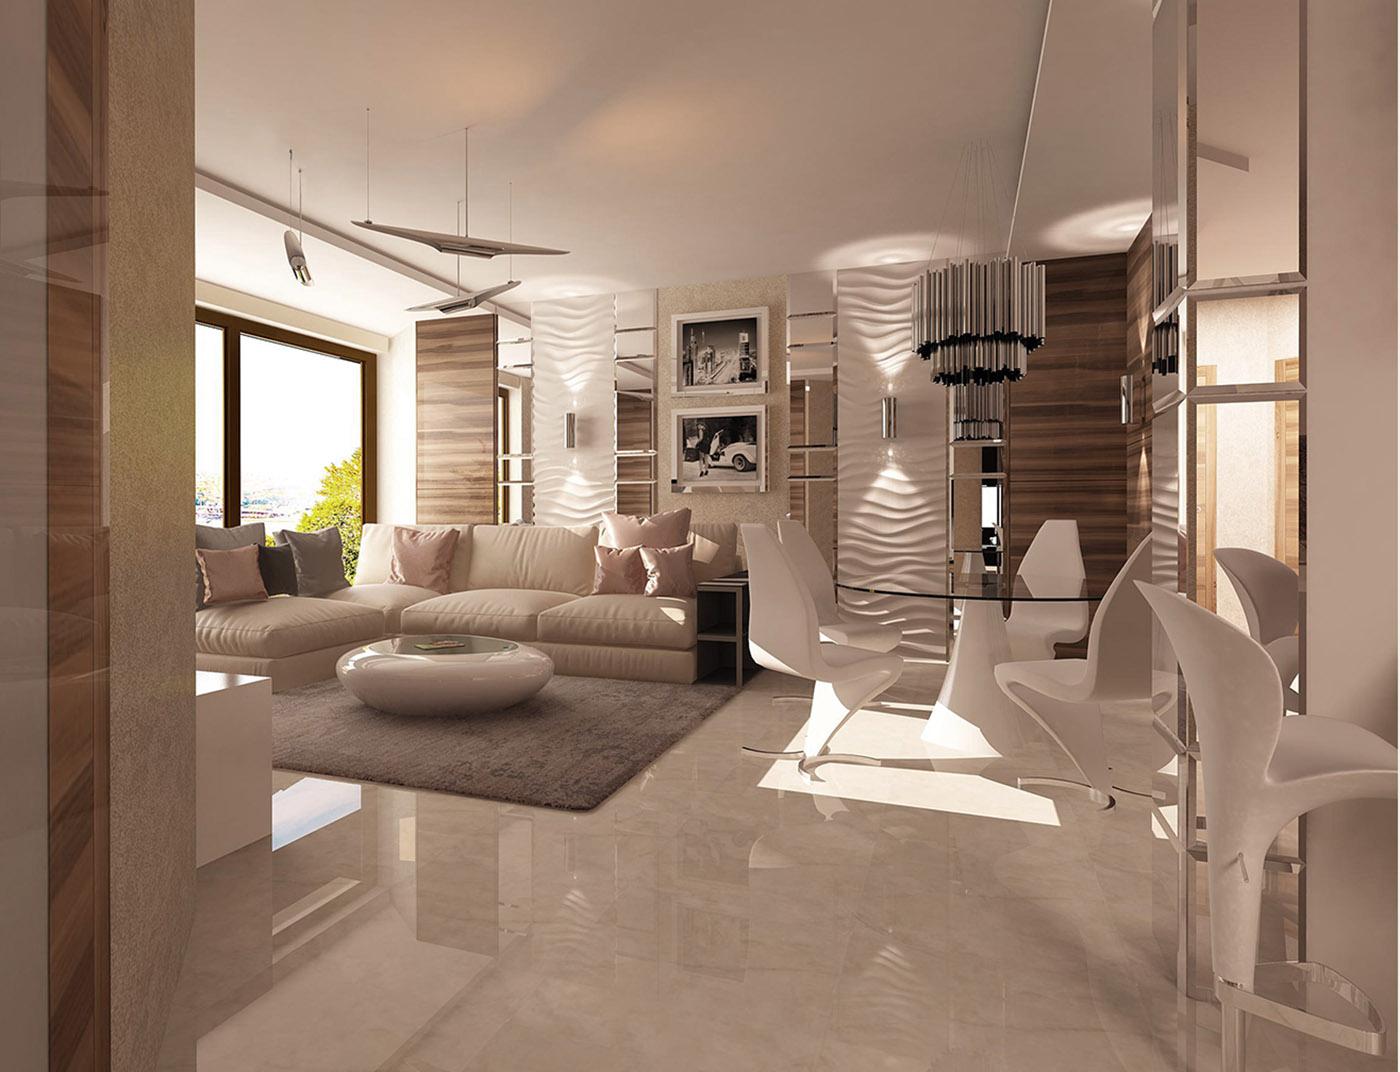 дизайн гостиной в современном стиле ЖК Парк Рублево